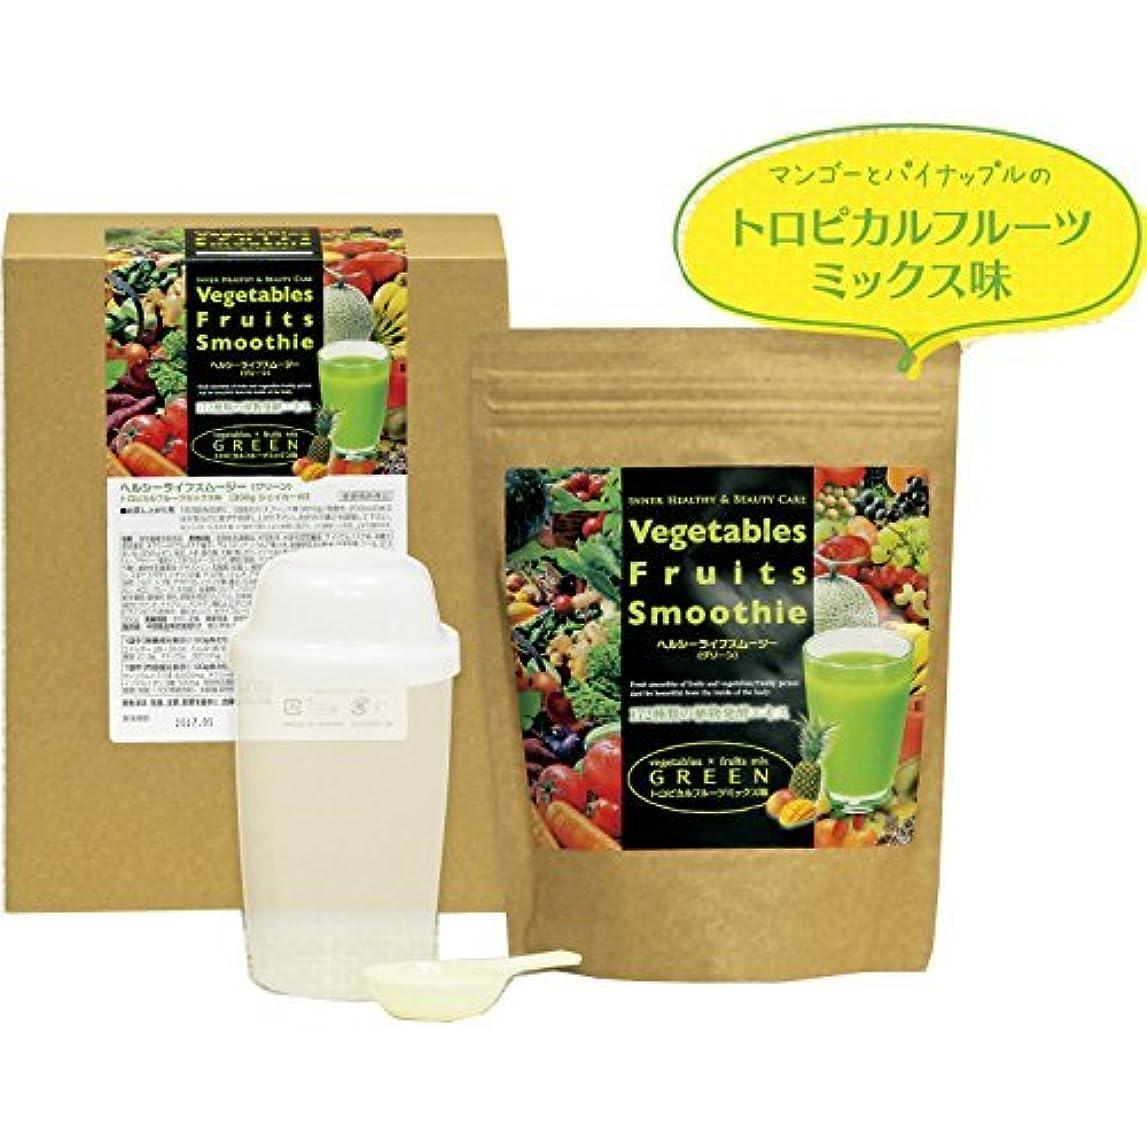 義務的また比類なきVegetables Fruits Smoothie ヘルシーライフスムージー(グリーン)トロピカルフルーツミックス味(300g シェイカー付) 日本製